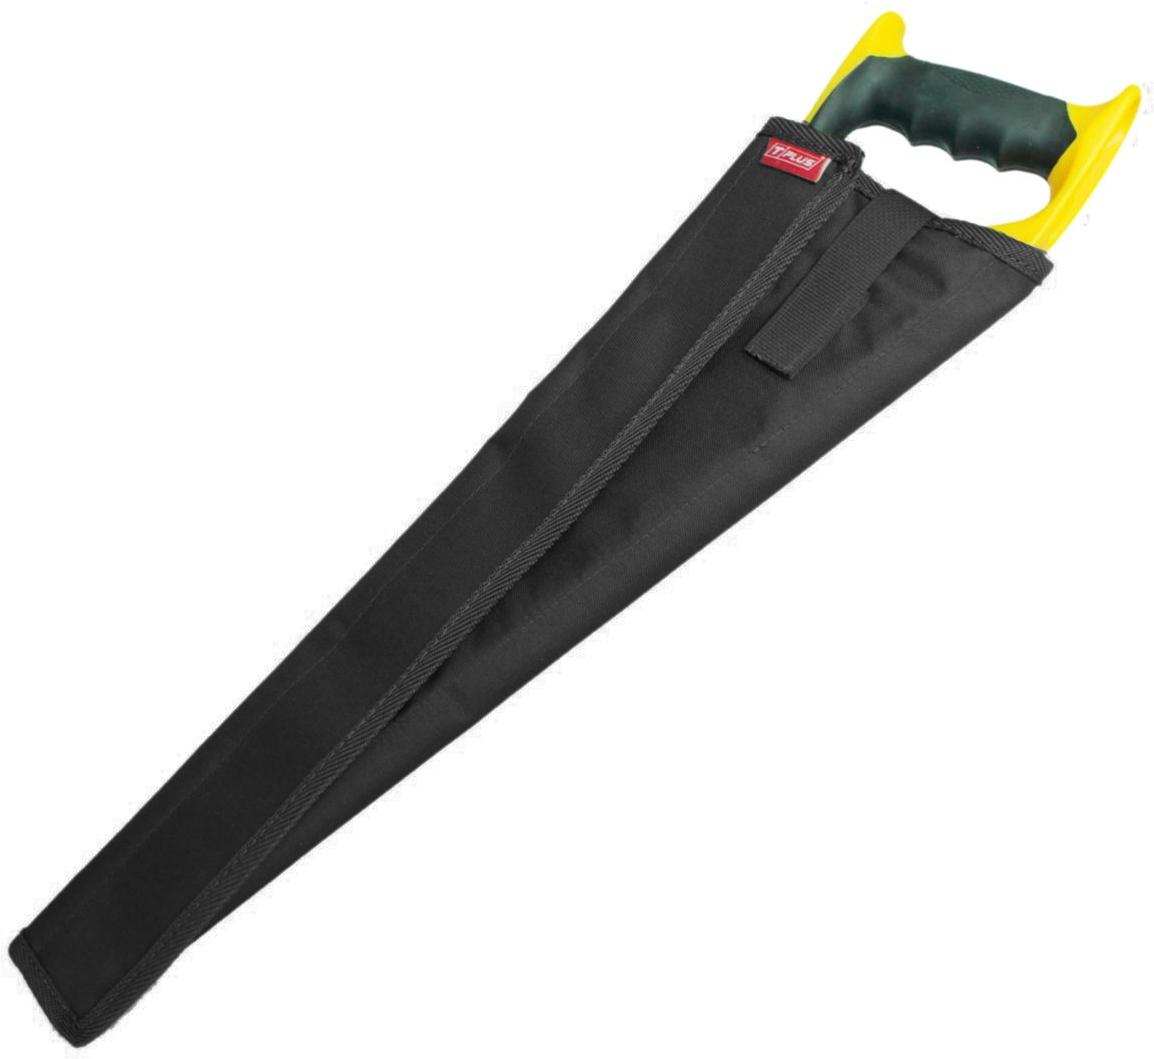 Чехол для ножовки Tplus, оксфорд 600, цвет: черный, 50 см